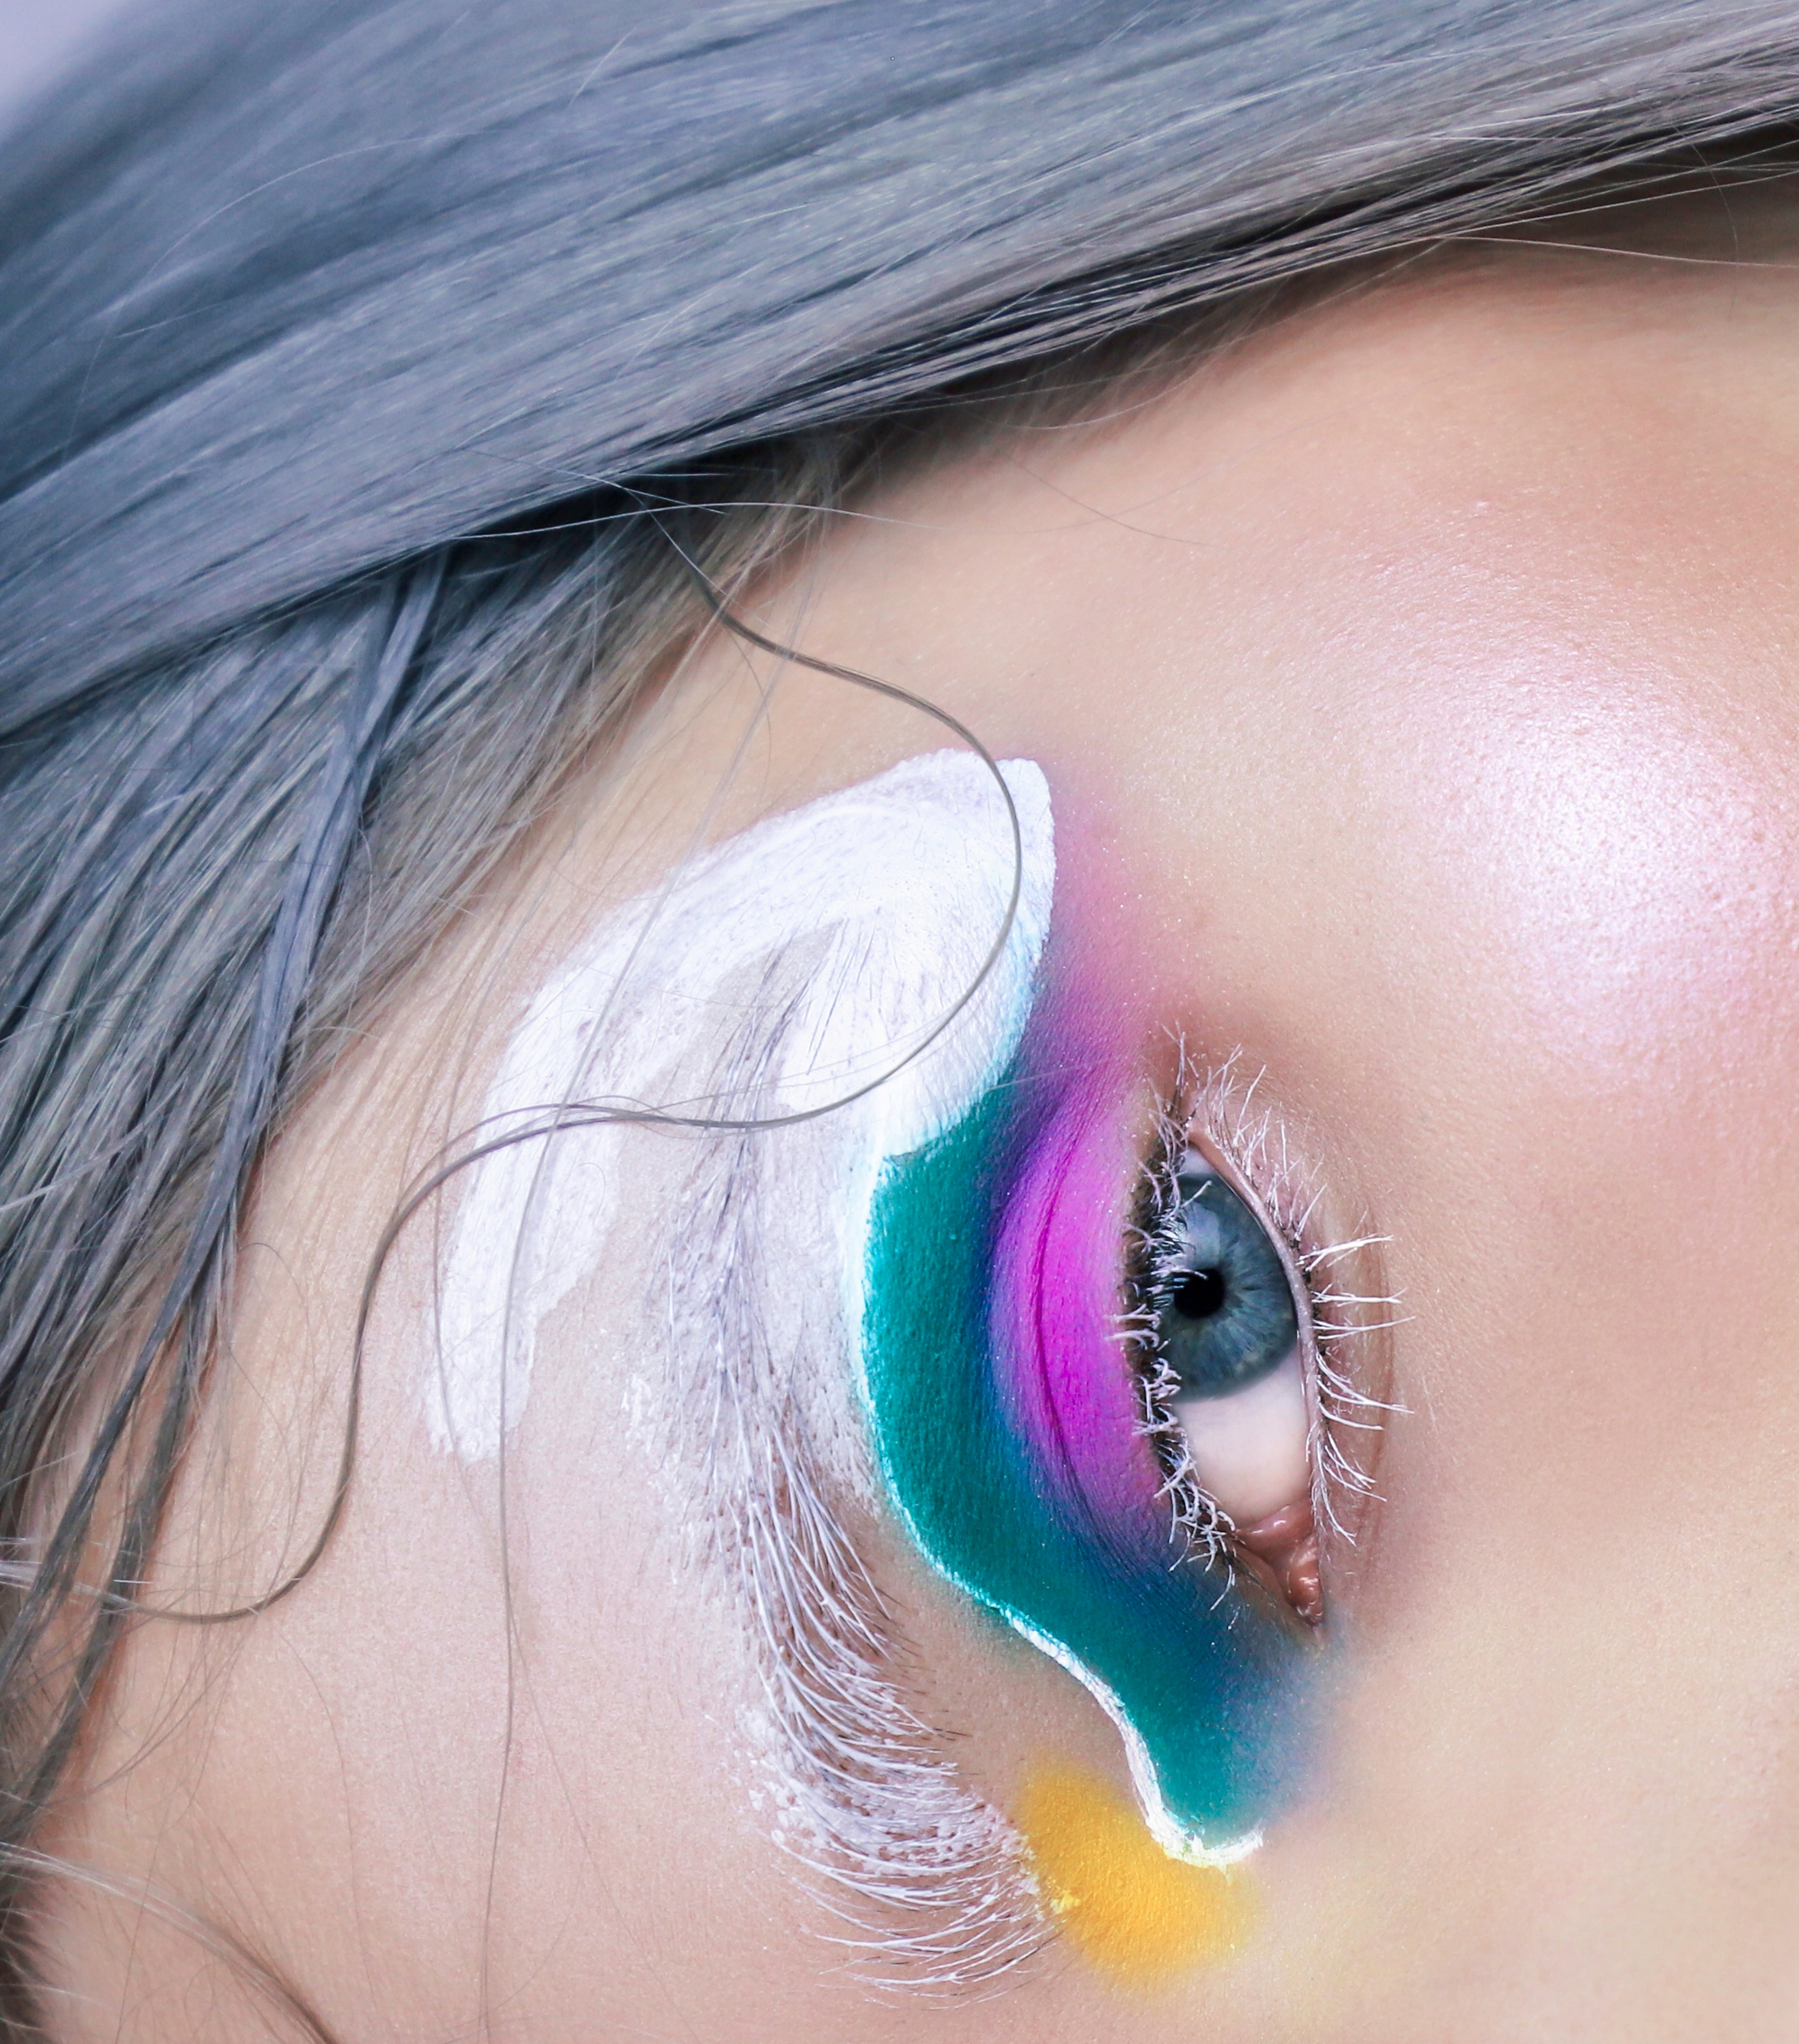 Zdjęcie przedstawia zbliżenie na oko w artystycznym makijażu.